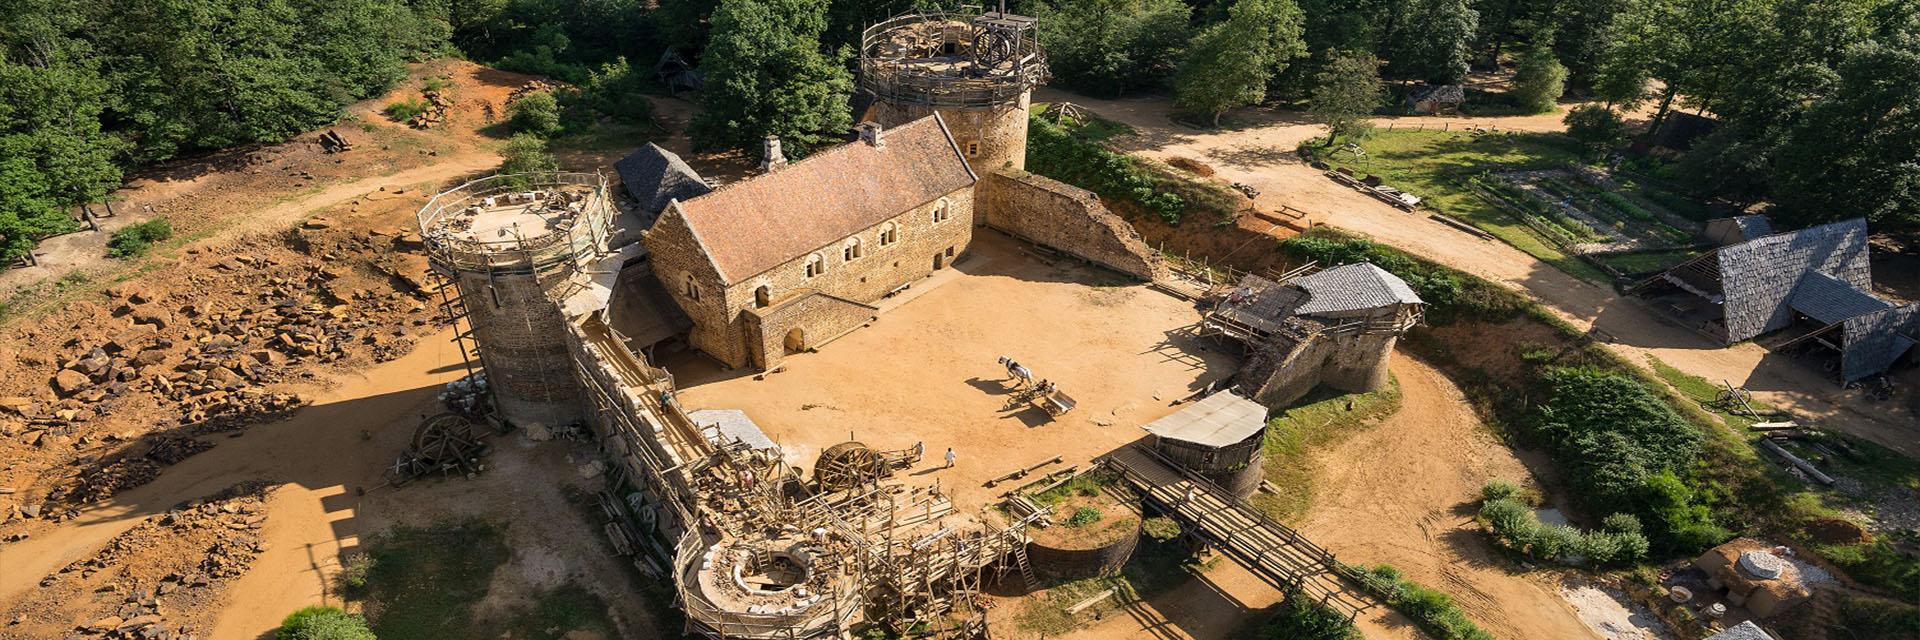 Congrès, séminaires, stages ou formation - La Vallée de l'Yonne